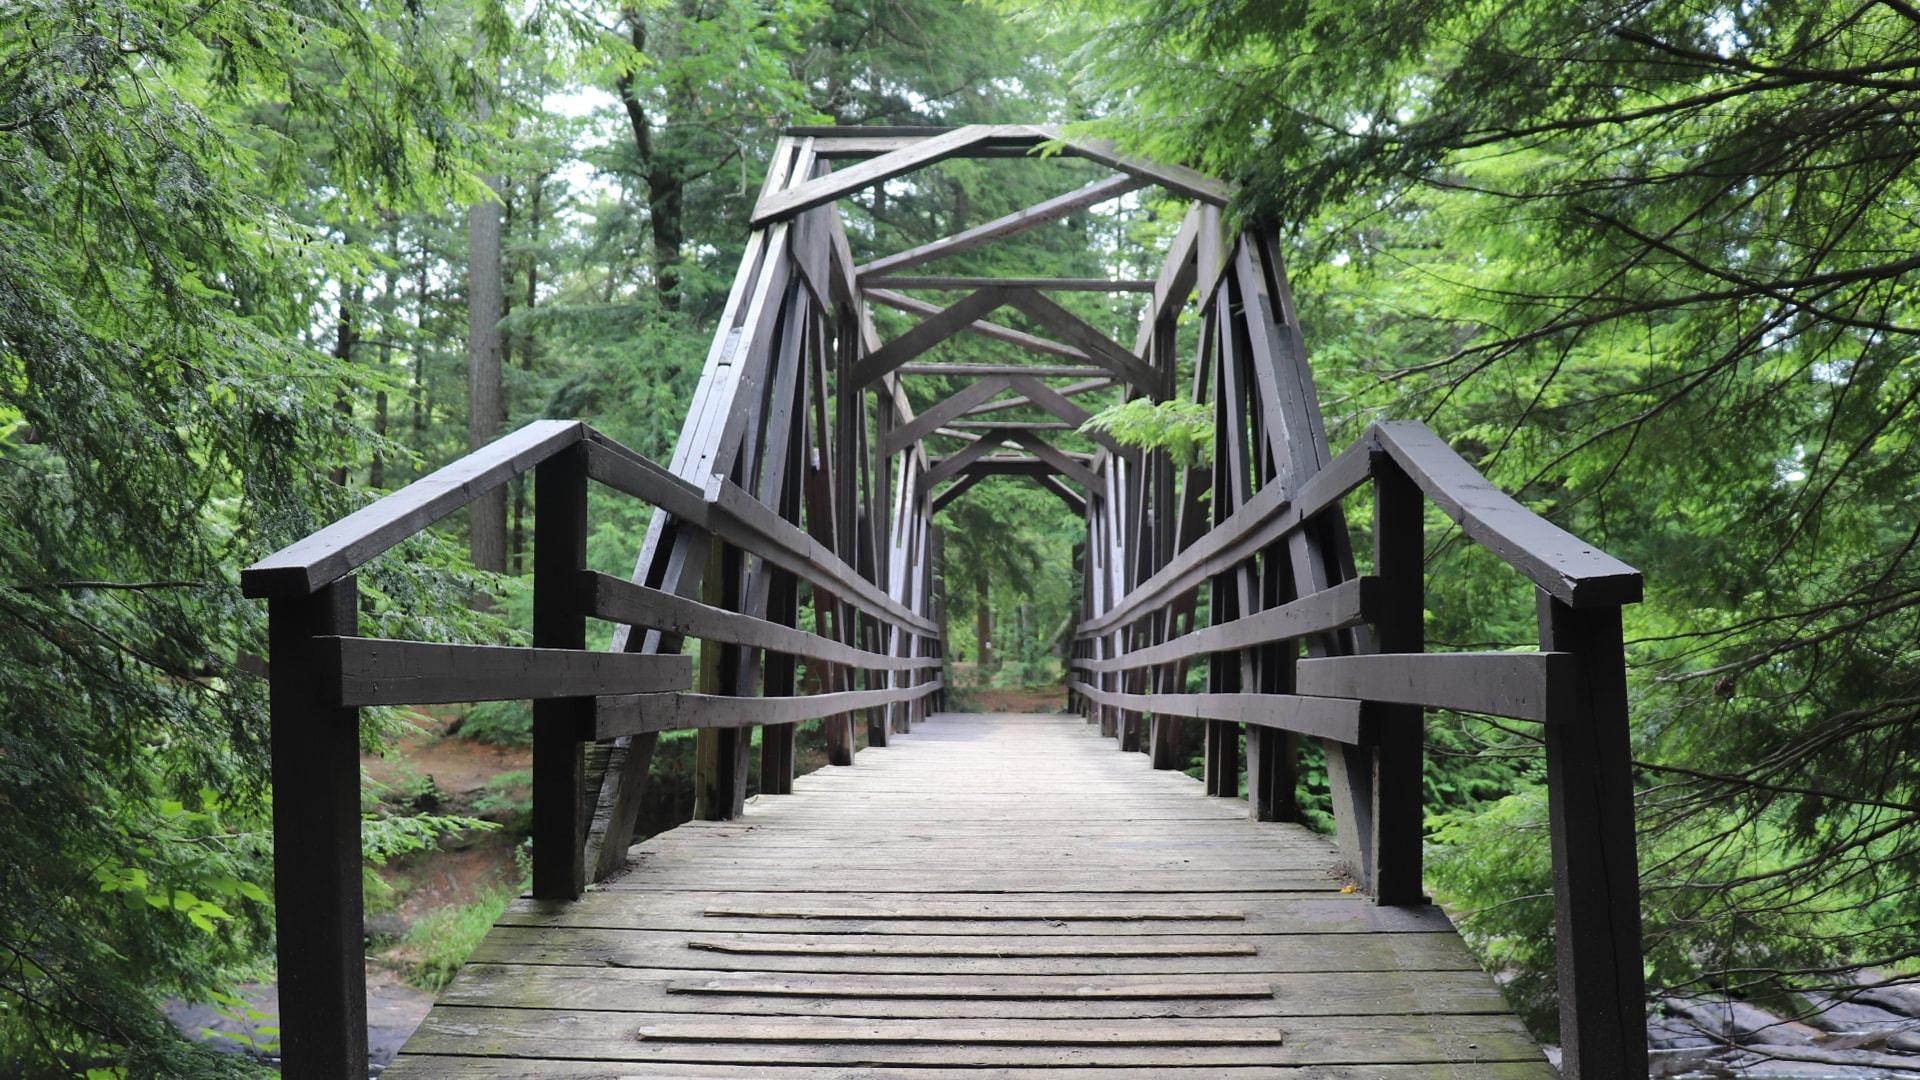 Black River Bridge Edited min - Adventure Day 2.0